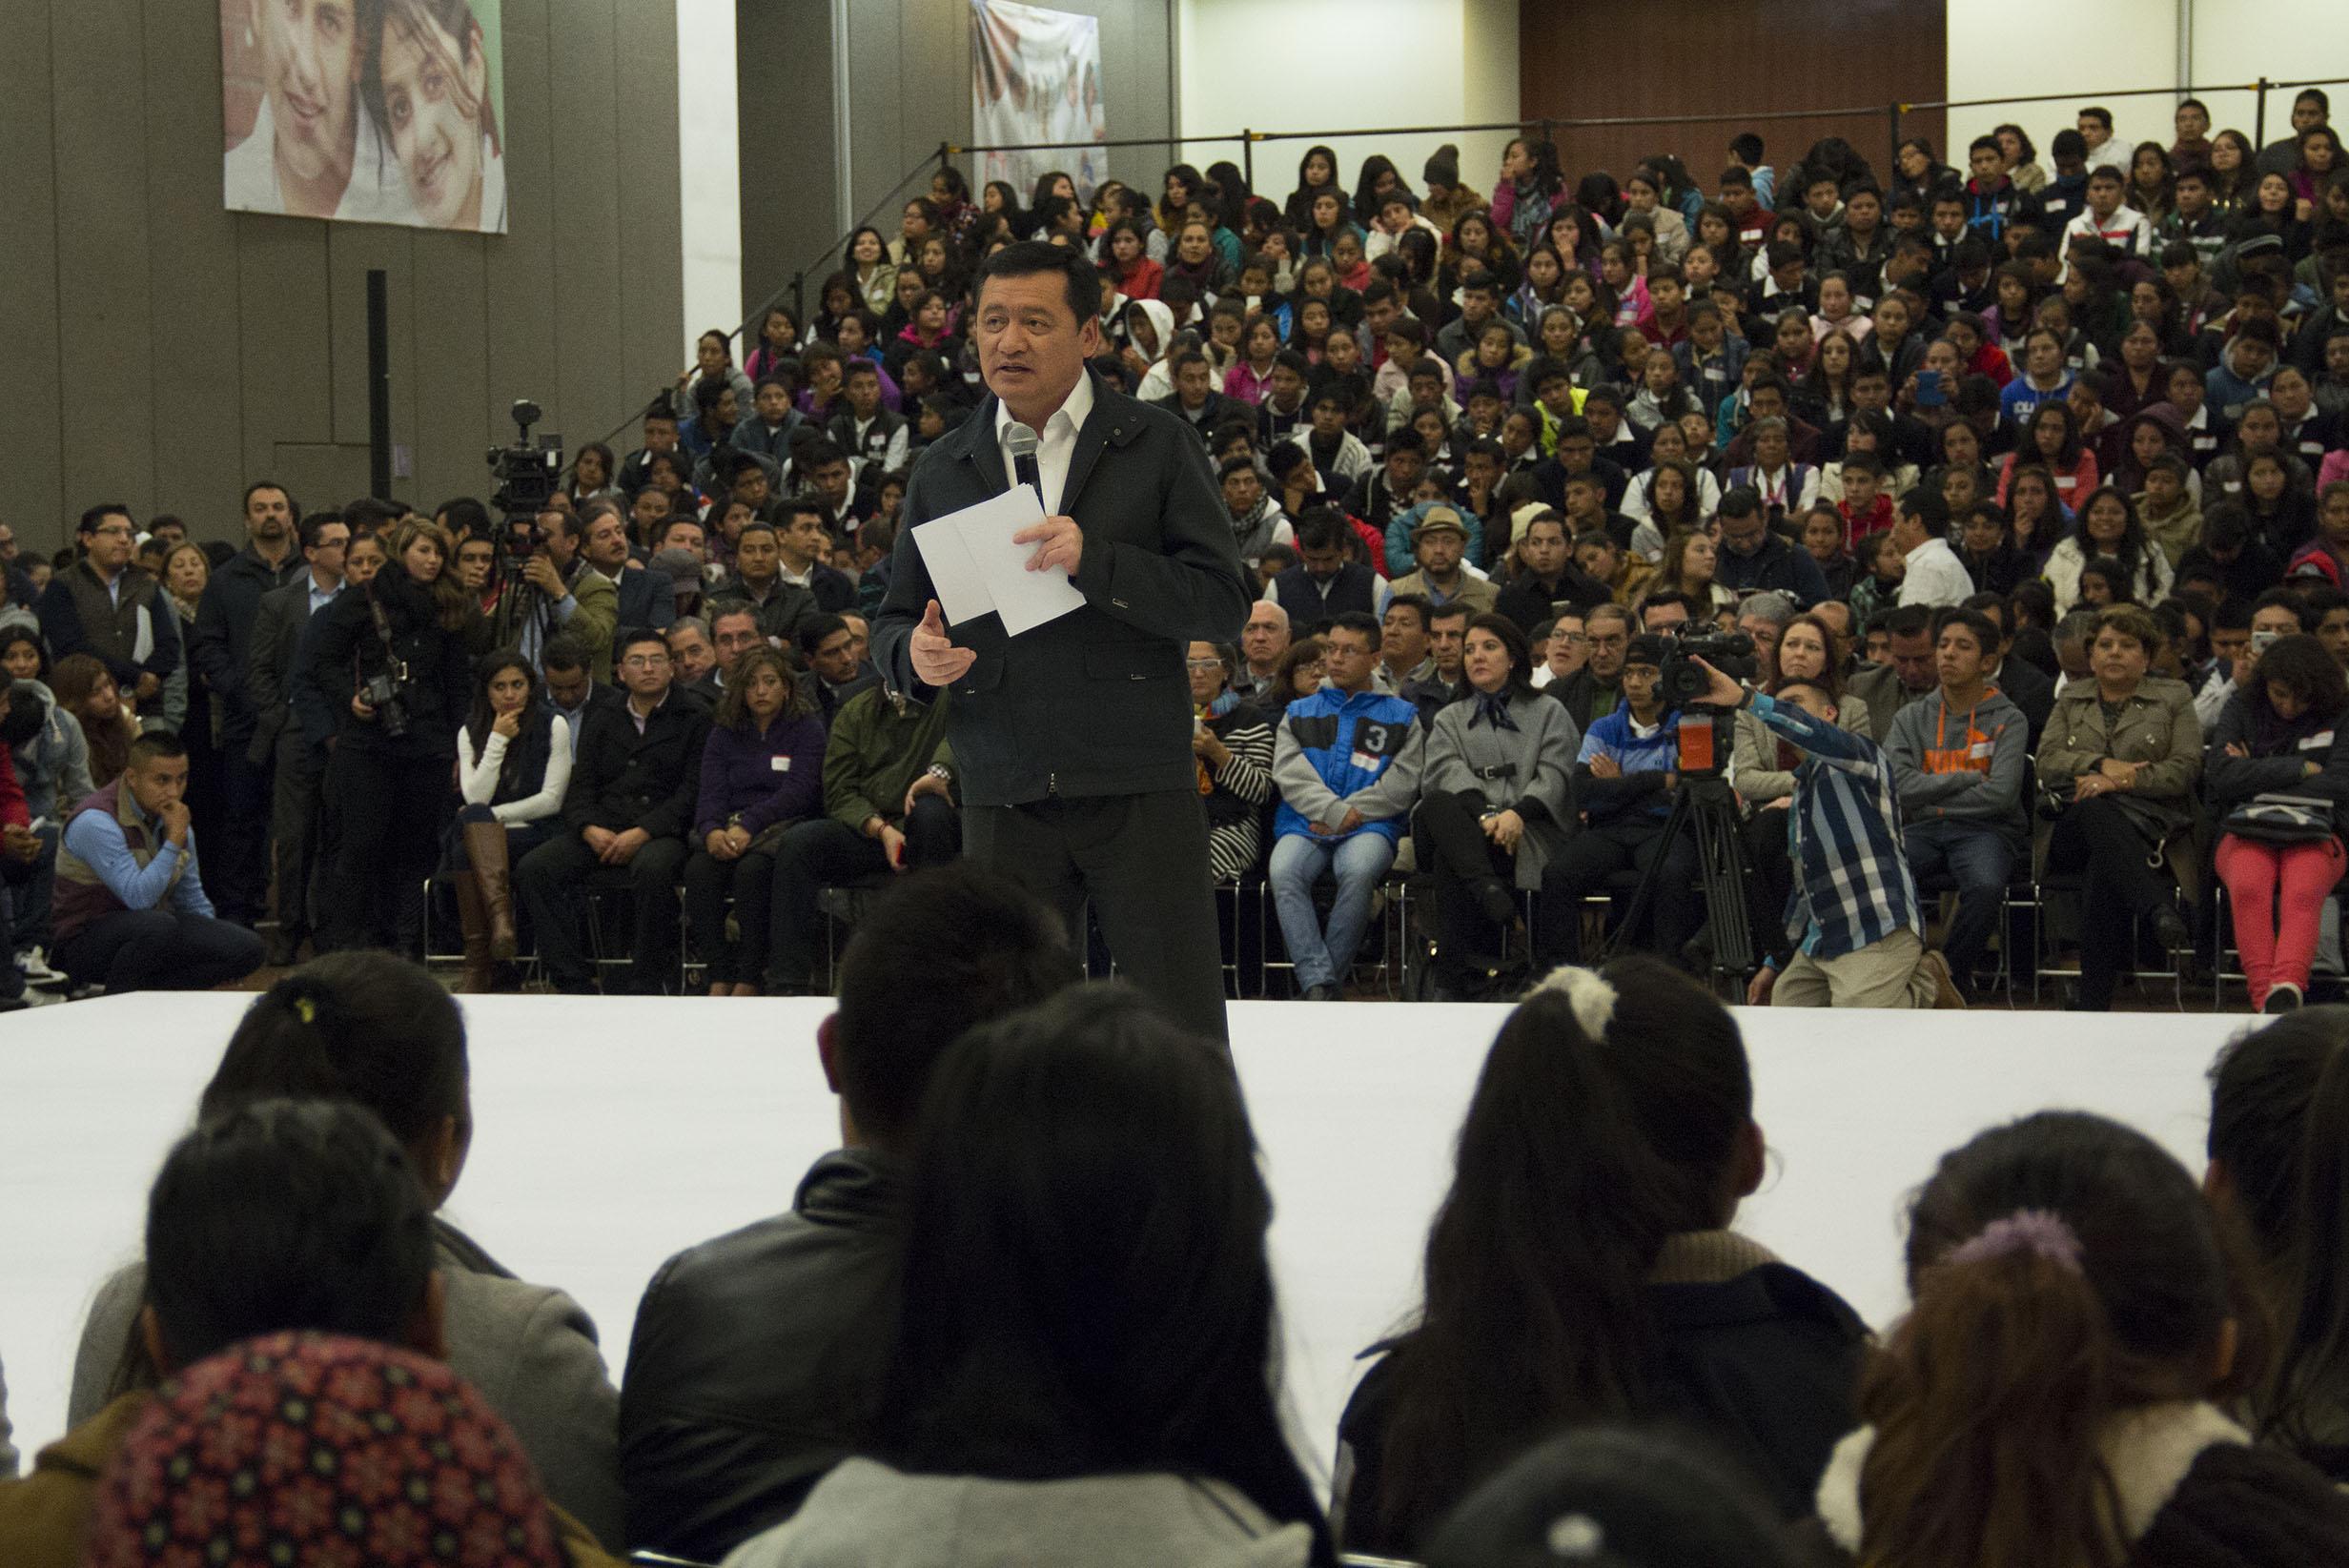 El Secretario de Gobernación, Miguel Ángel Osorio Chong, durante la Firma de Convenio para la Prevención del Embarazo en Adolescentes PROSPERA-CONAPO en la ciudad de Puebla